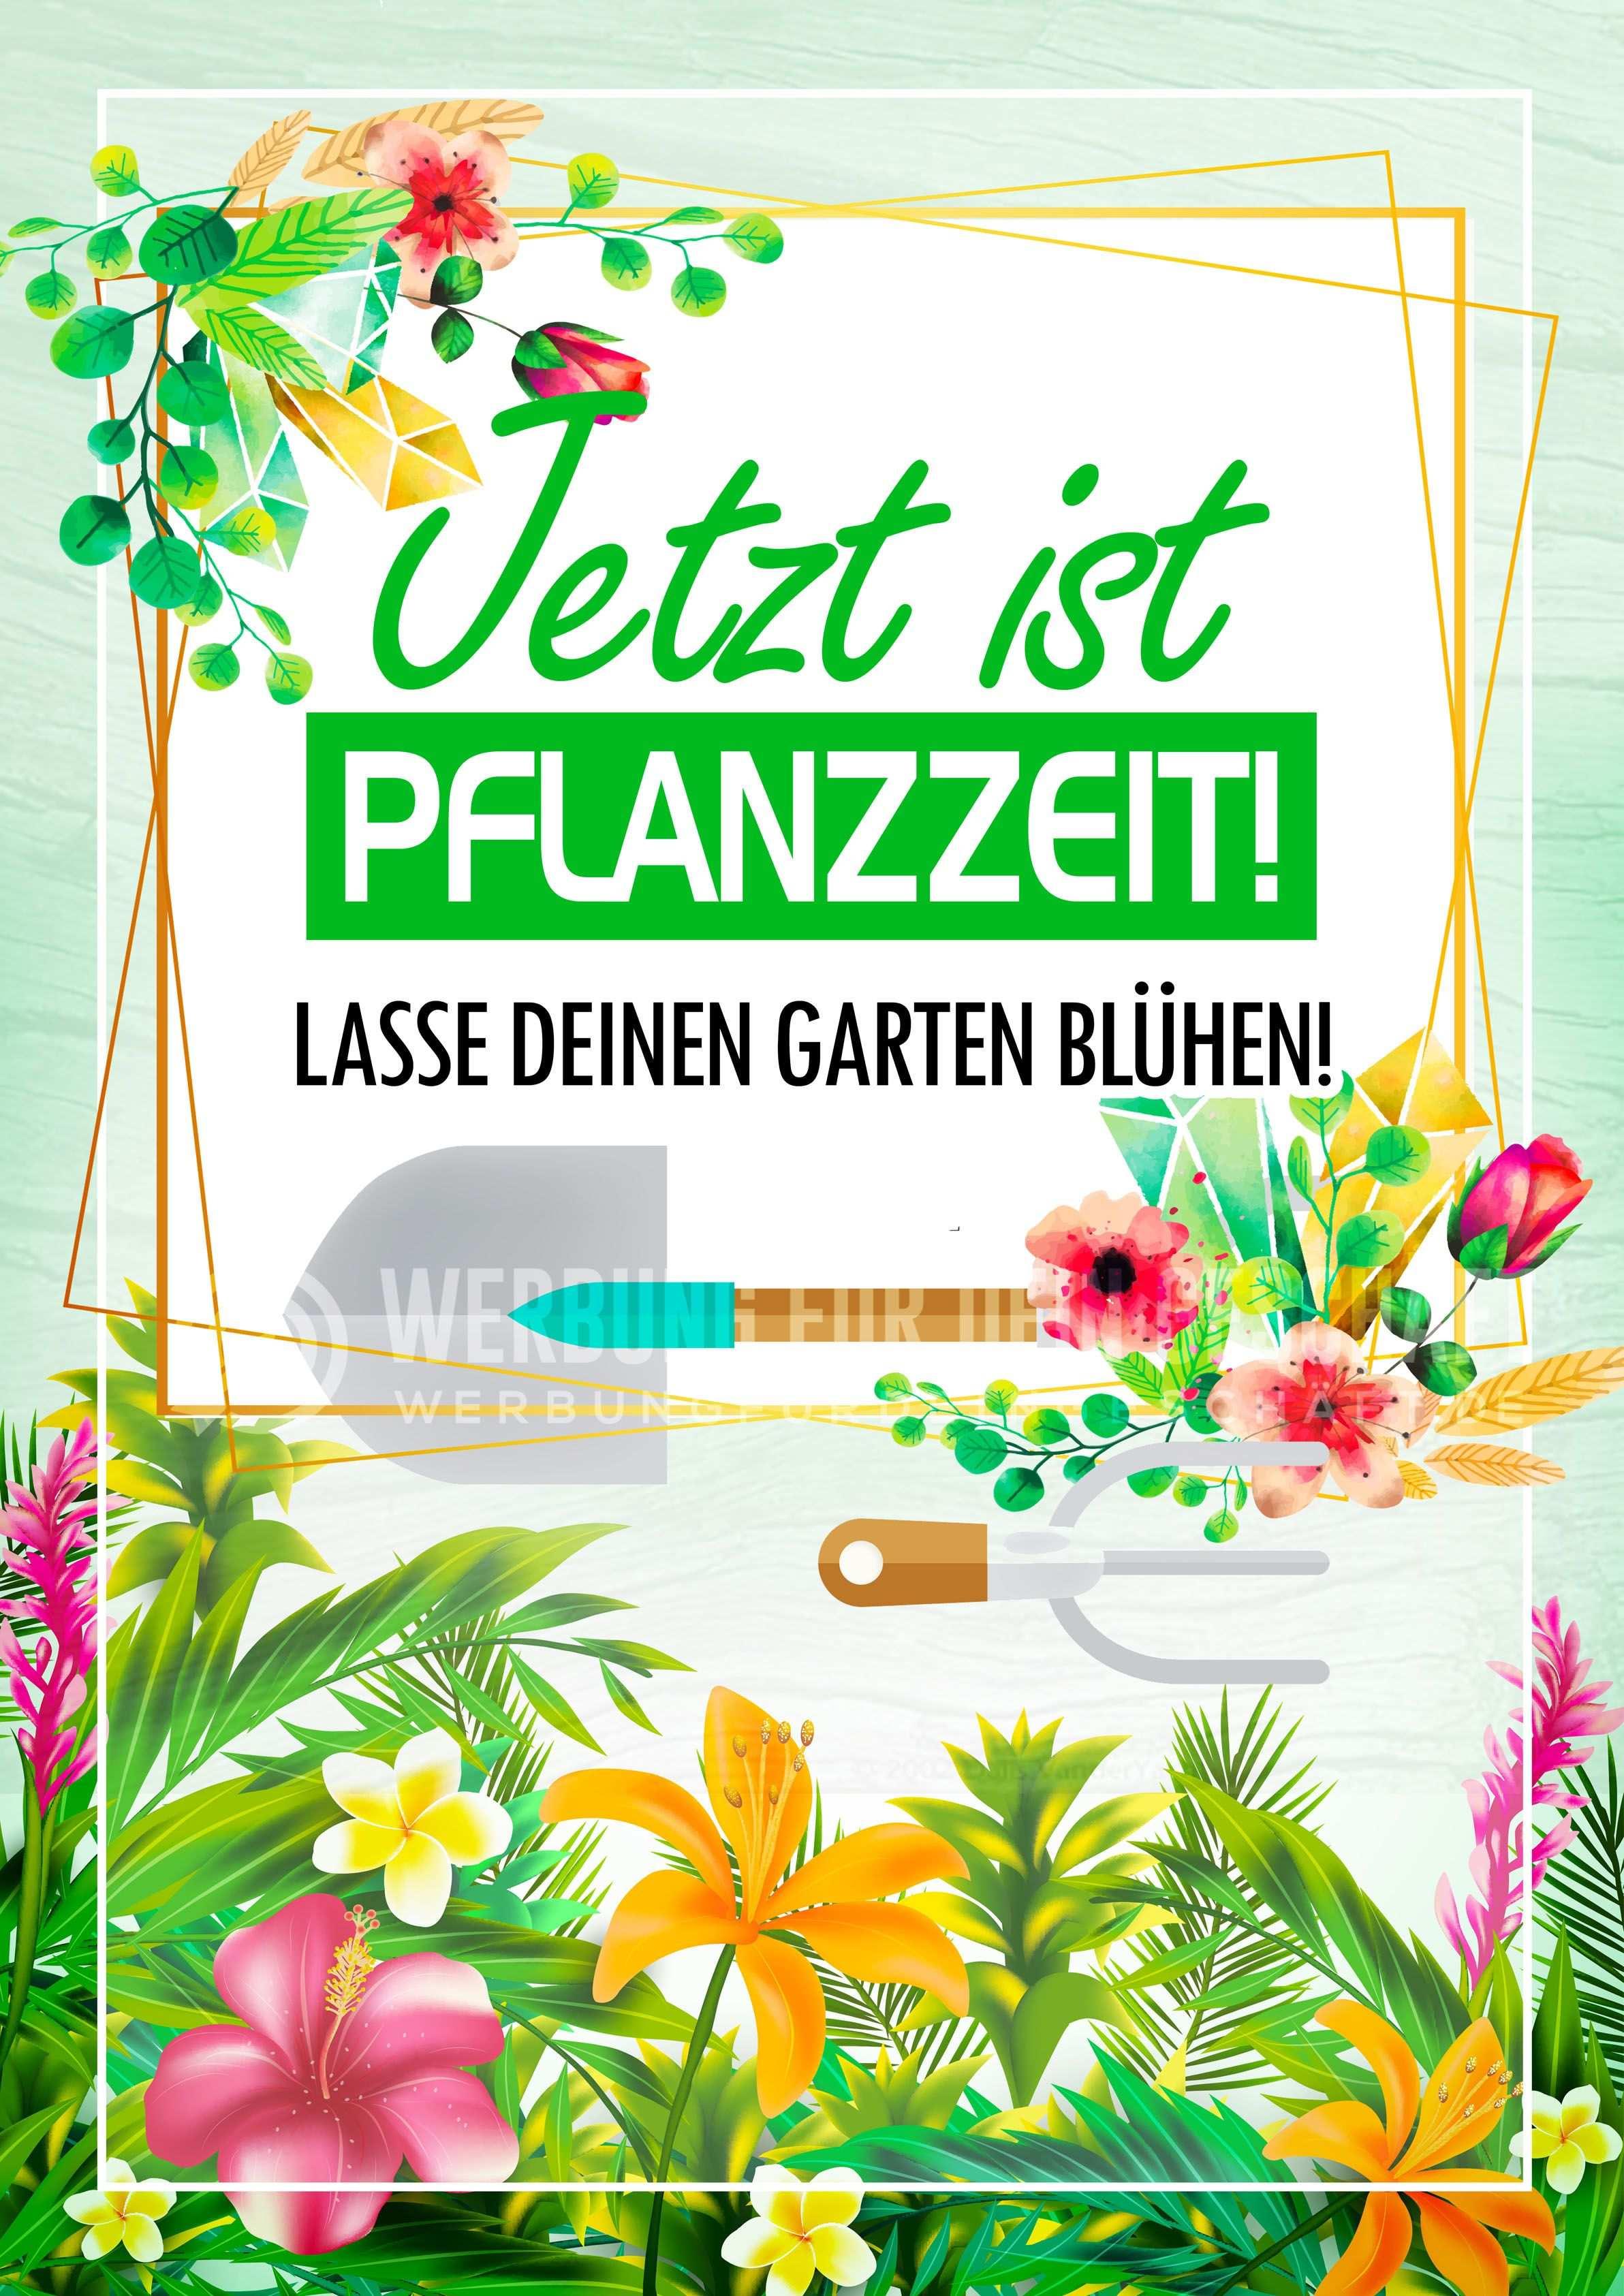 Dieses Poster Jetzt Ist Pflanzzeit Kann Fur Eure Werbung Eingesetzt Werden Als Werbeposter Ist Es Ideal Fur Die Verwendung Fur Pflanzzeit Pflanzen Blumenladen